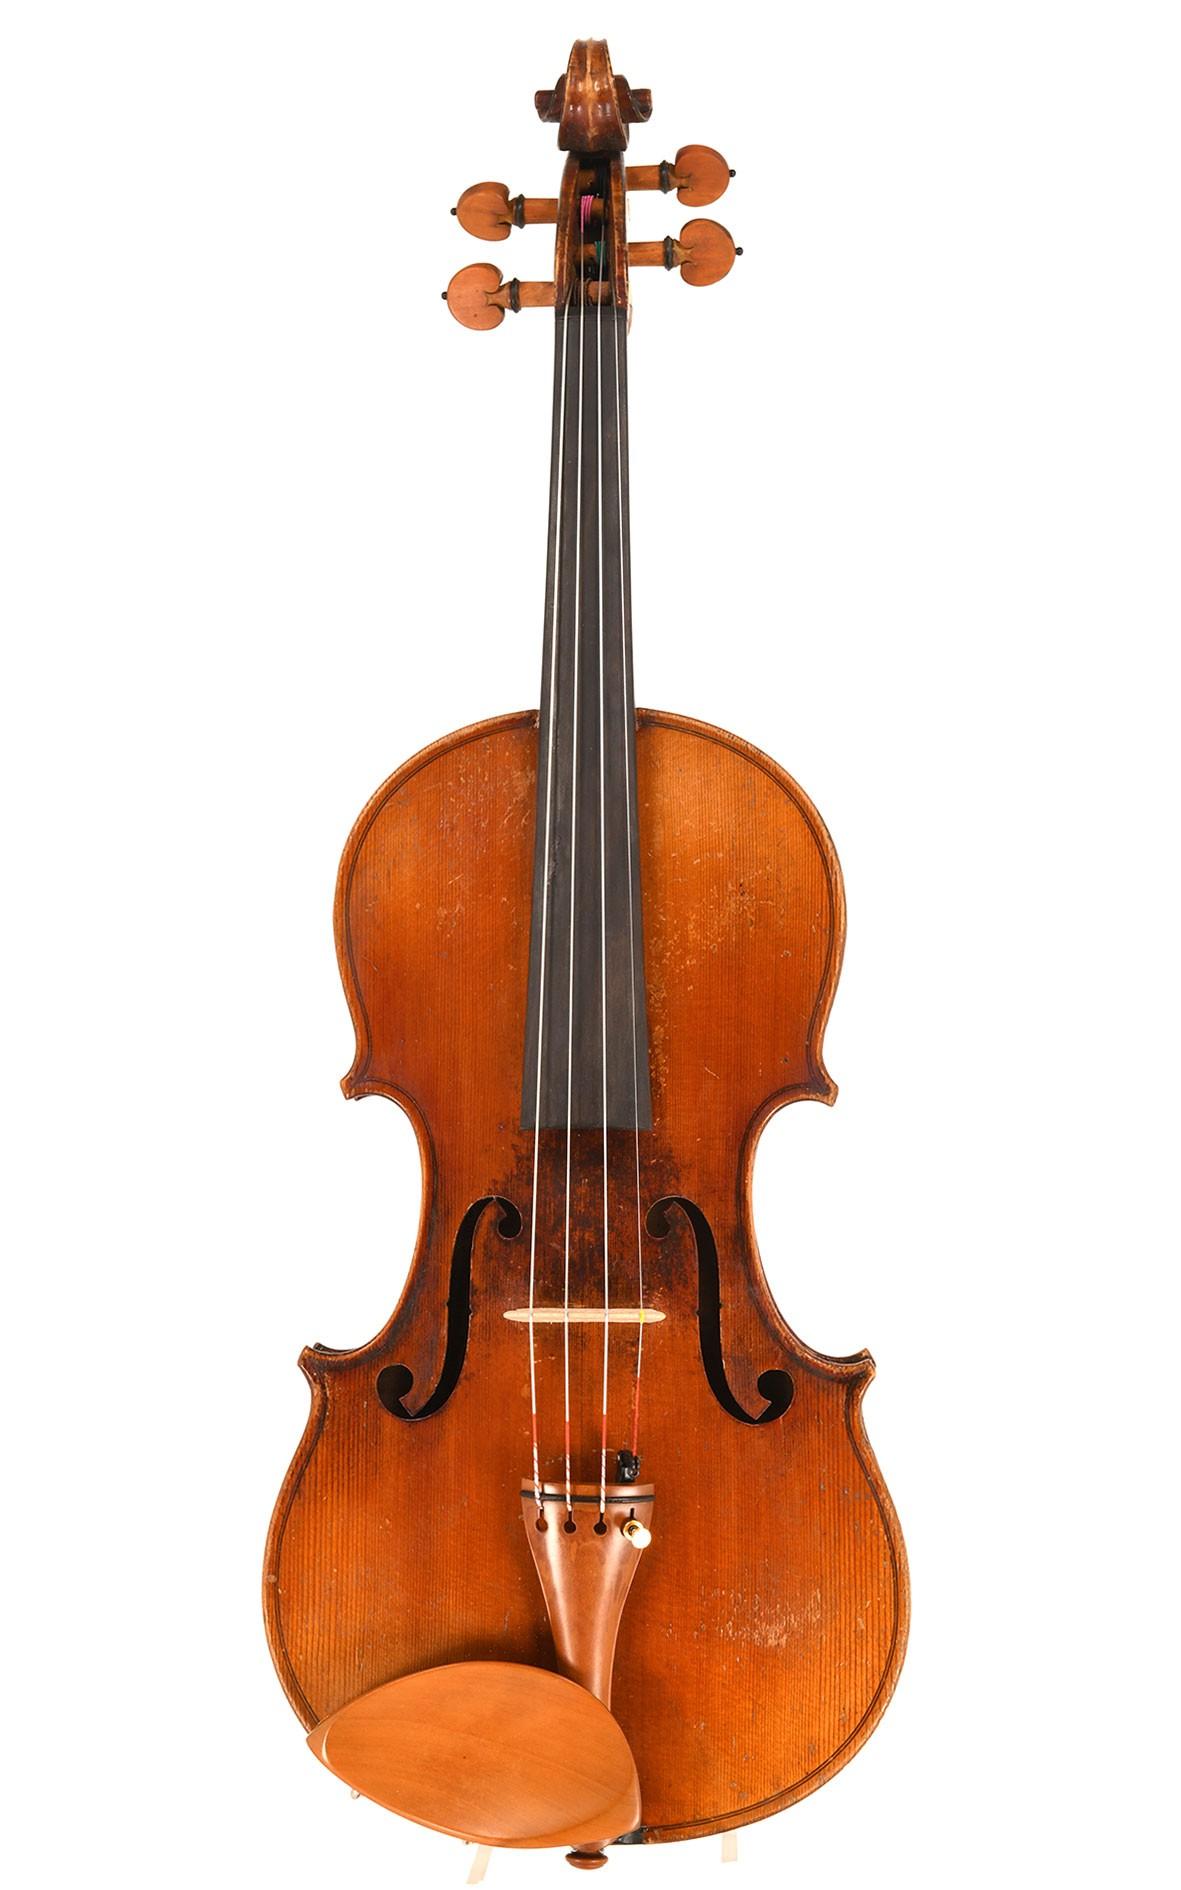 Ancien violon français, probablement atelier de Derazey vers 1880 - recommandation du violoniste !